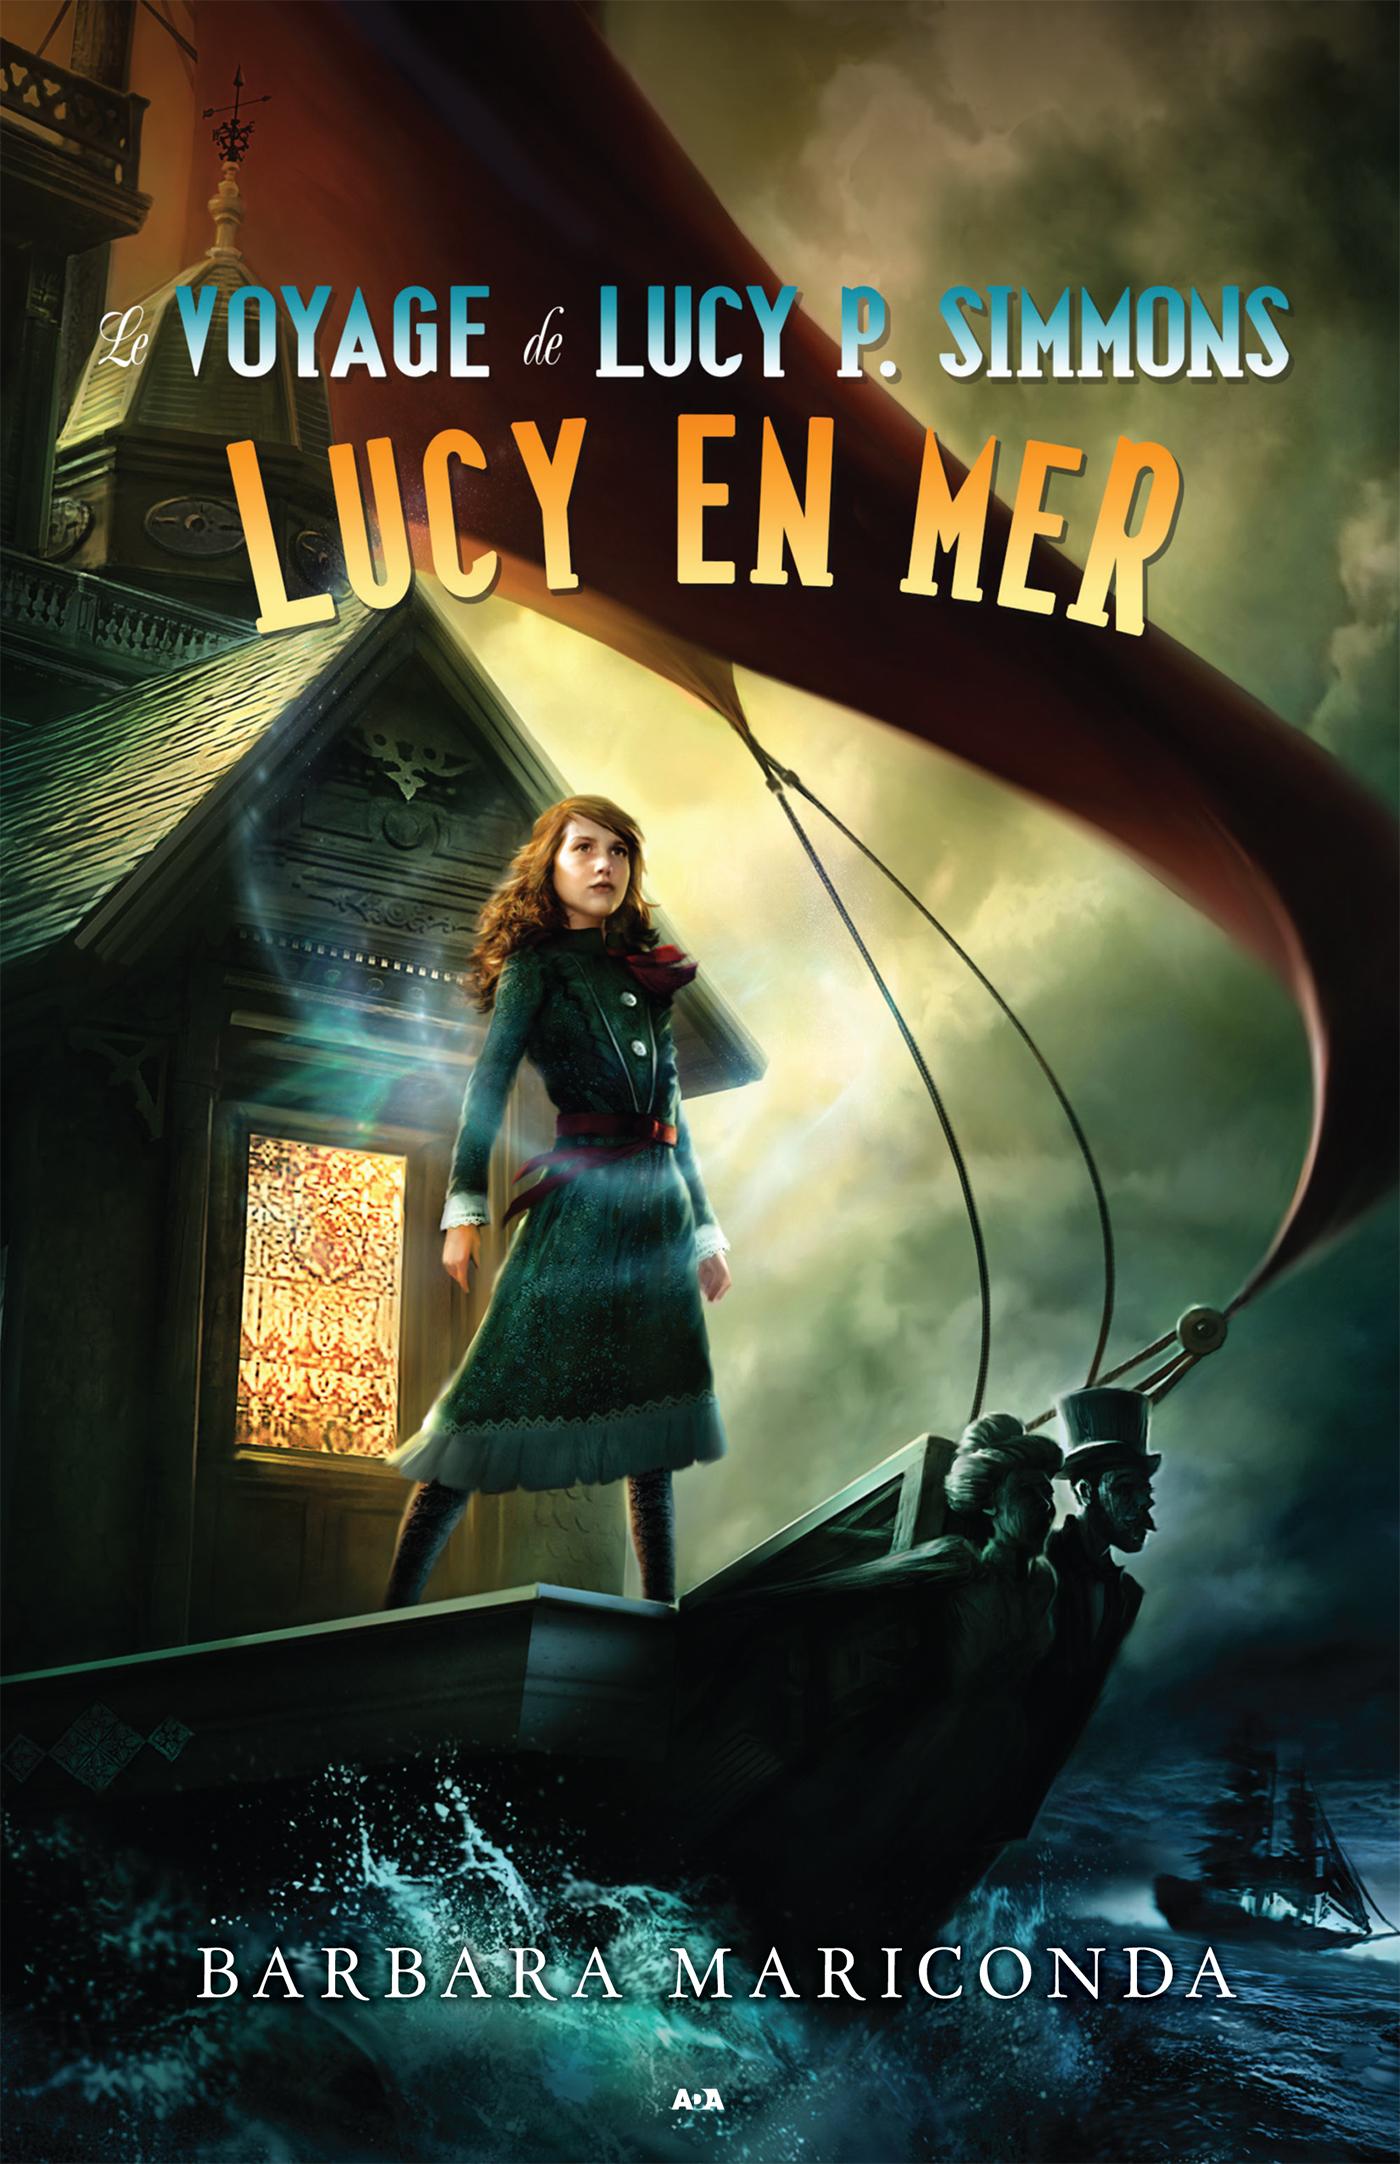 Lucy en mer